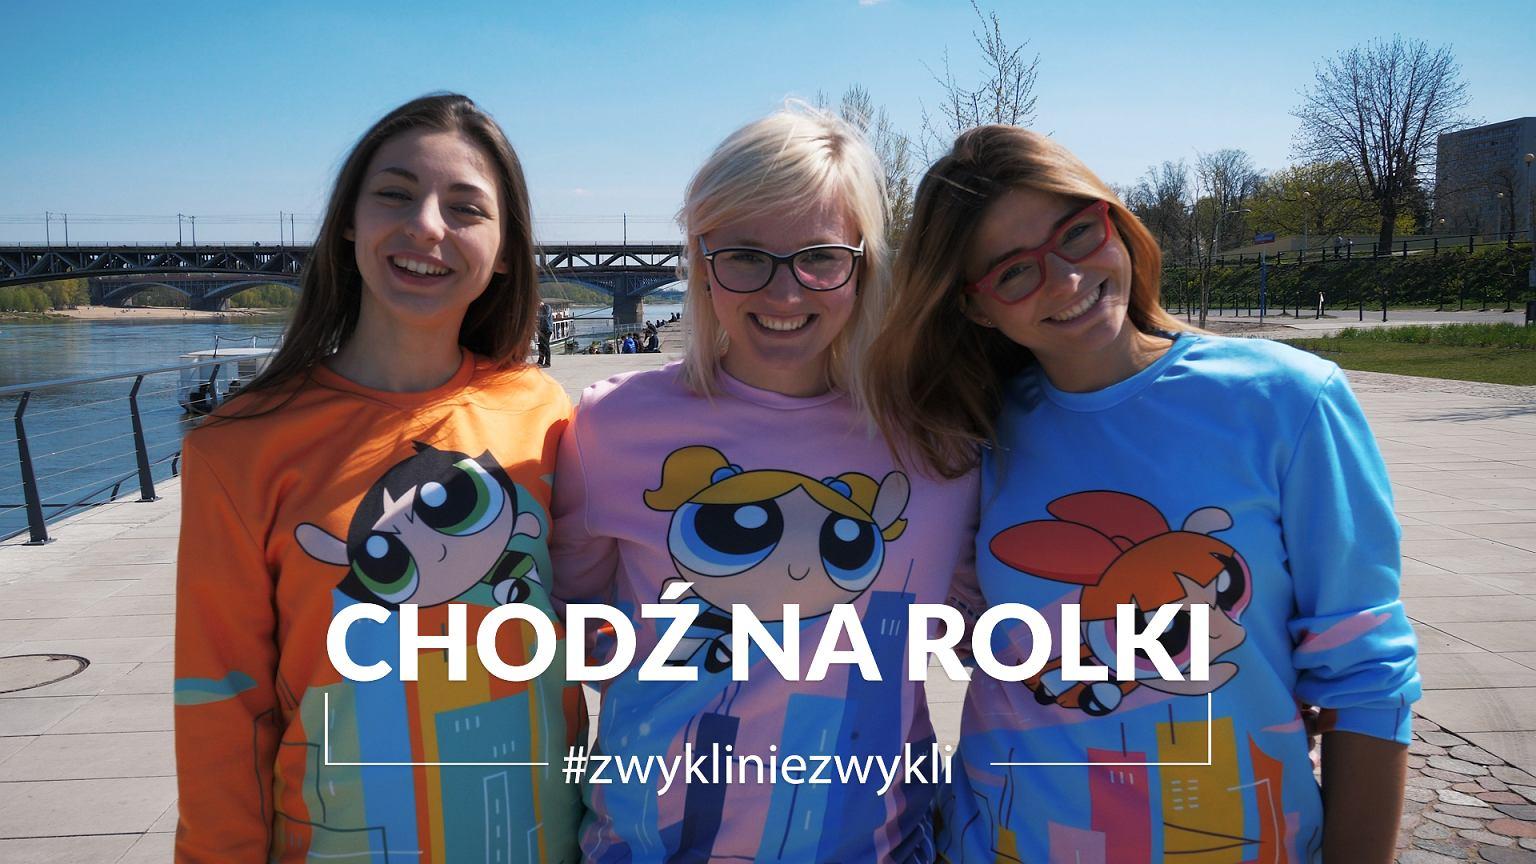 Paulina, Ewelina i Justyna Czapla, czyli Czapla Team